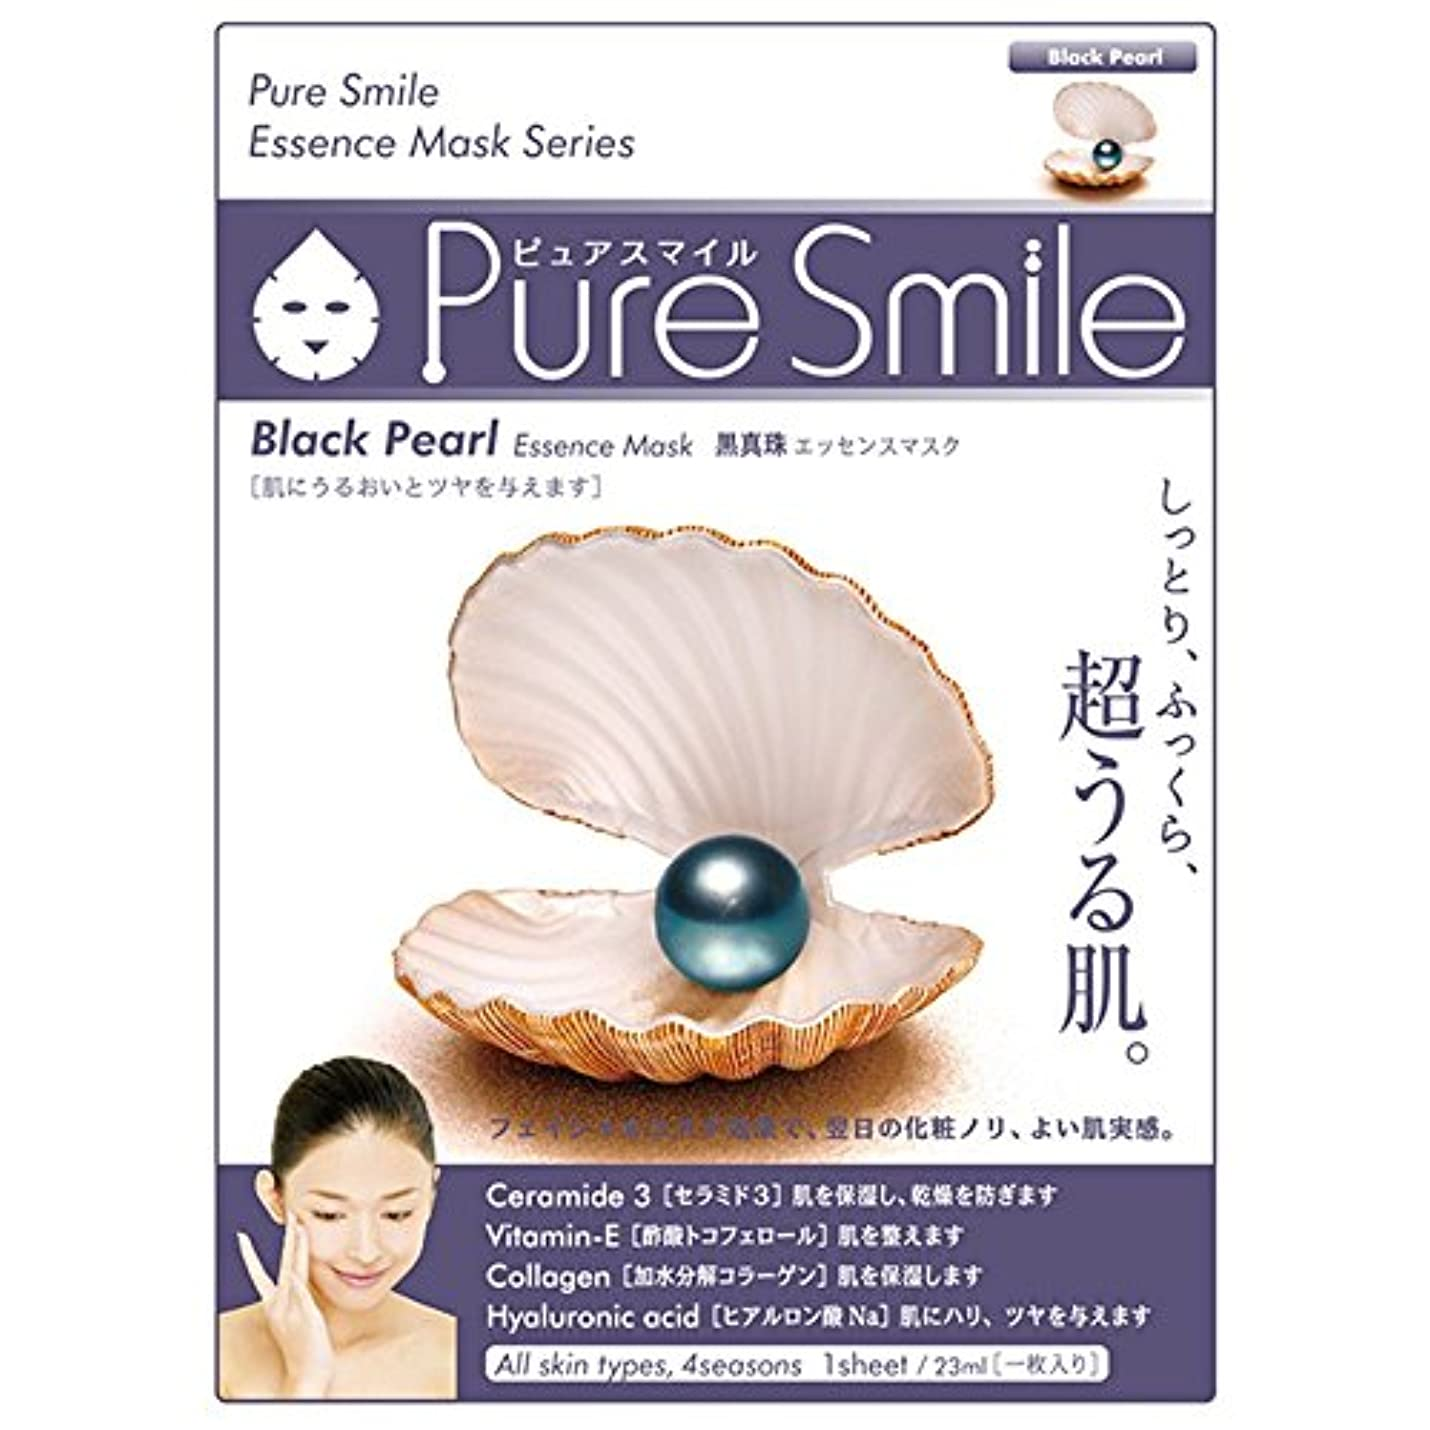 マイナス後悔大いにPure Smile(ピュアスマイル) 乳液エッセンスマスク 1 枚 黒真珠